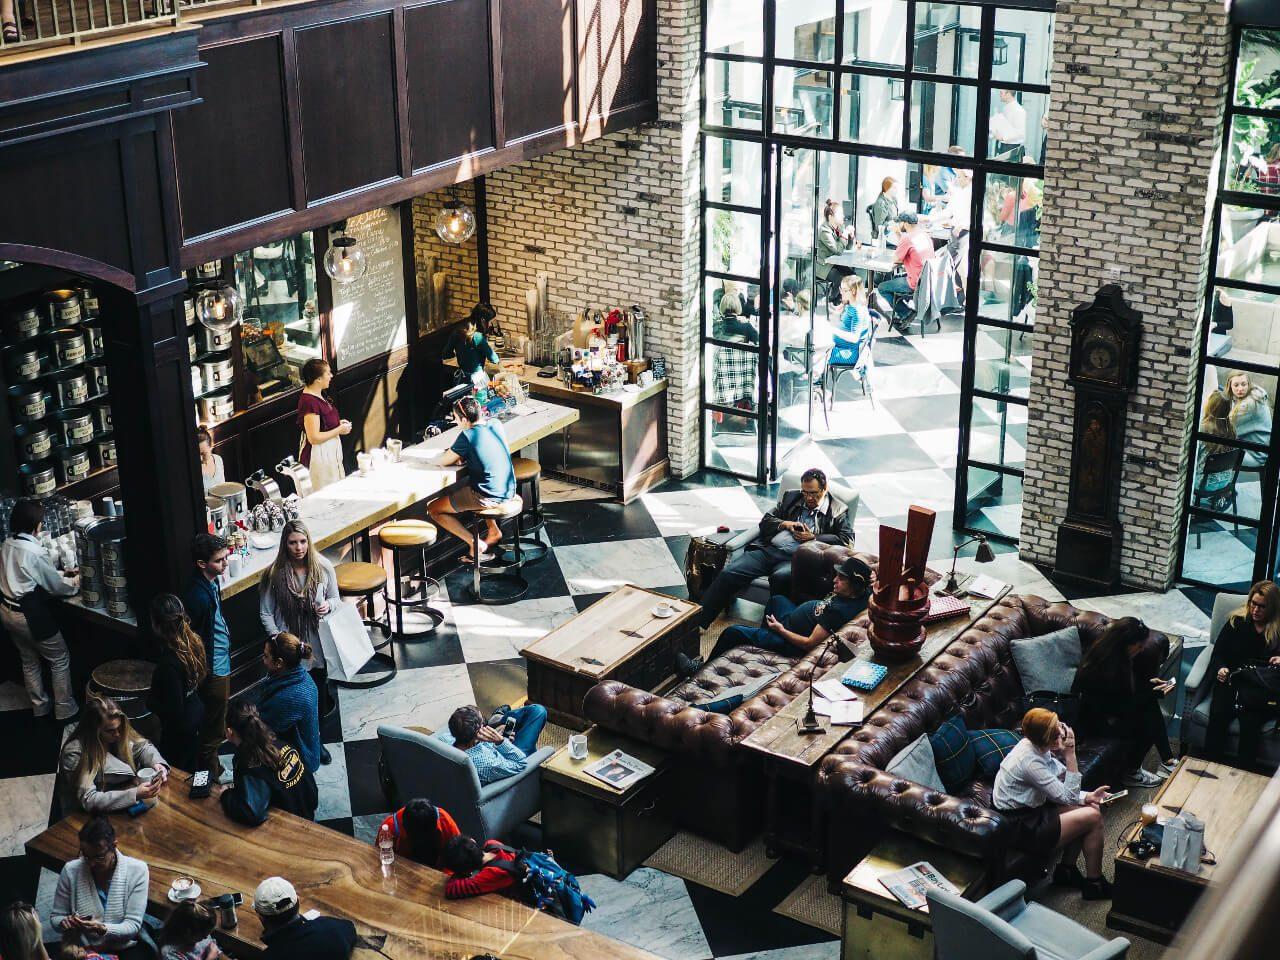 Wnętrze kawiarni widziane z góry